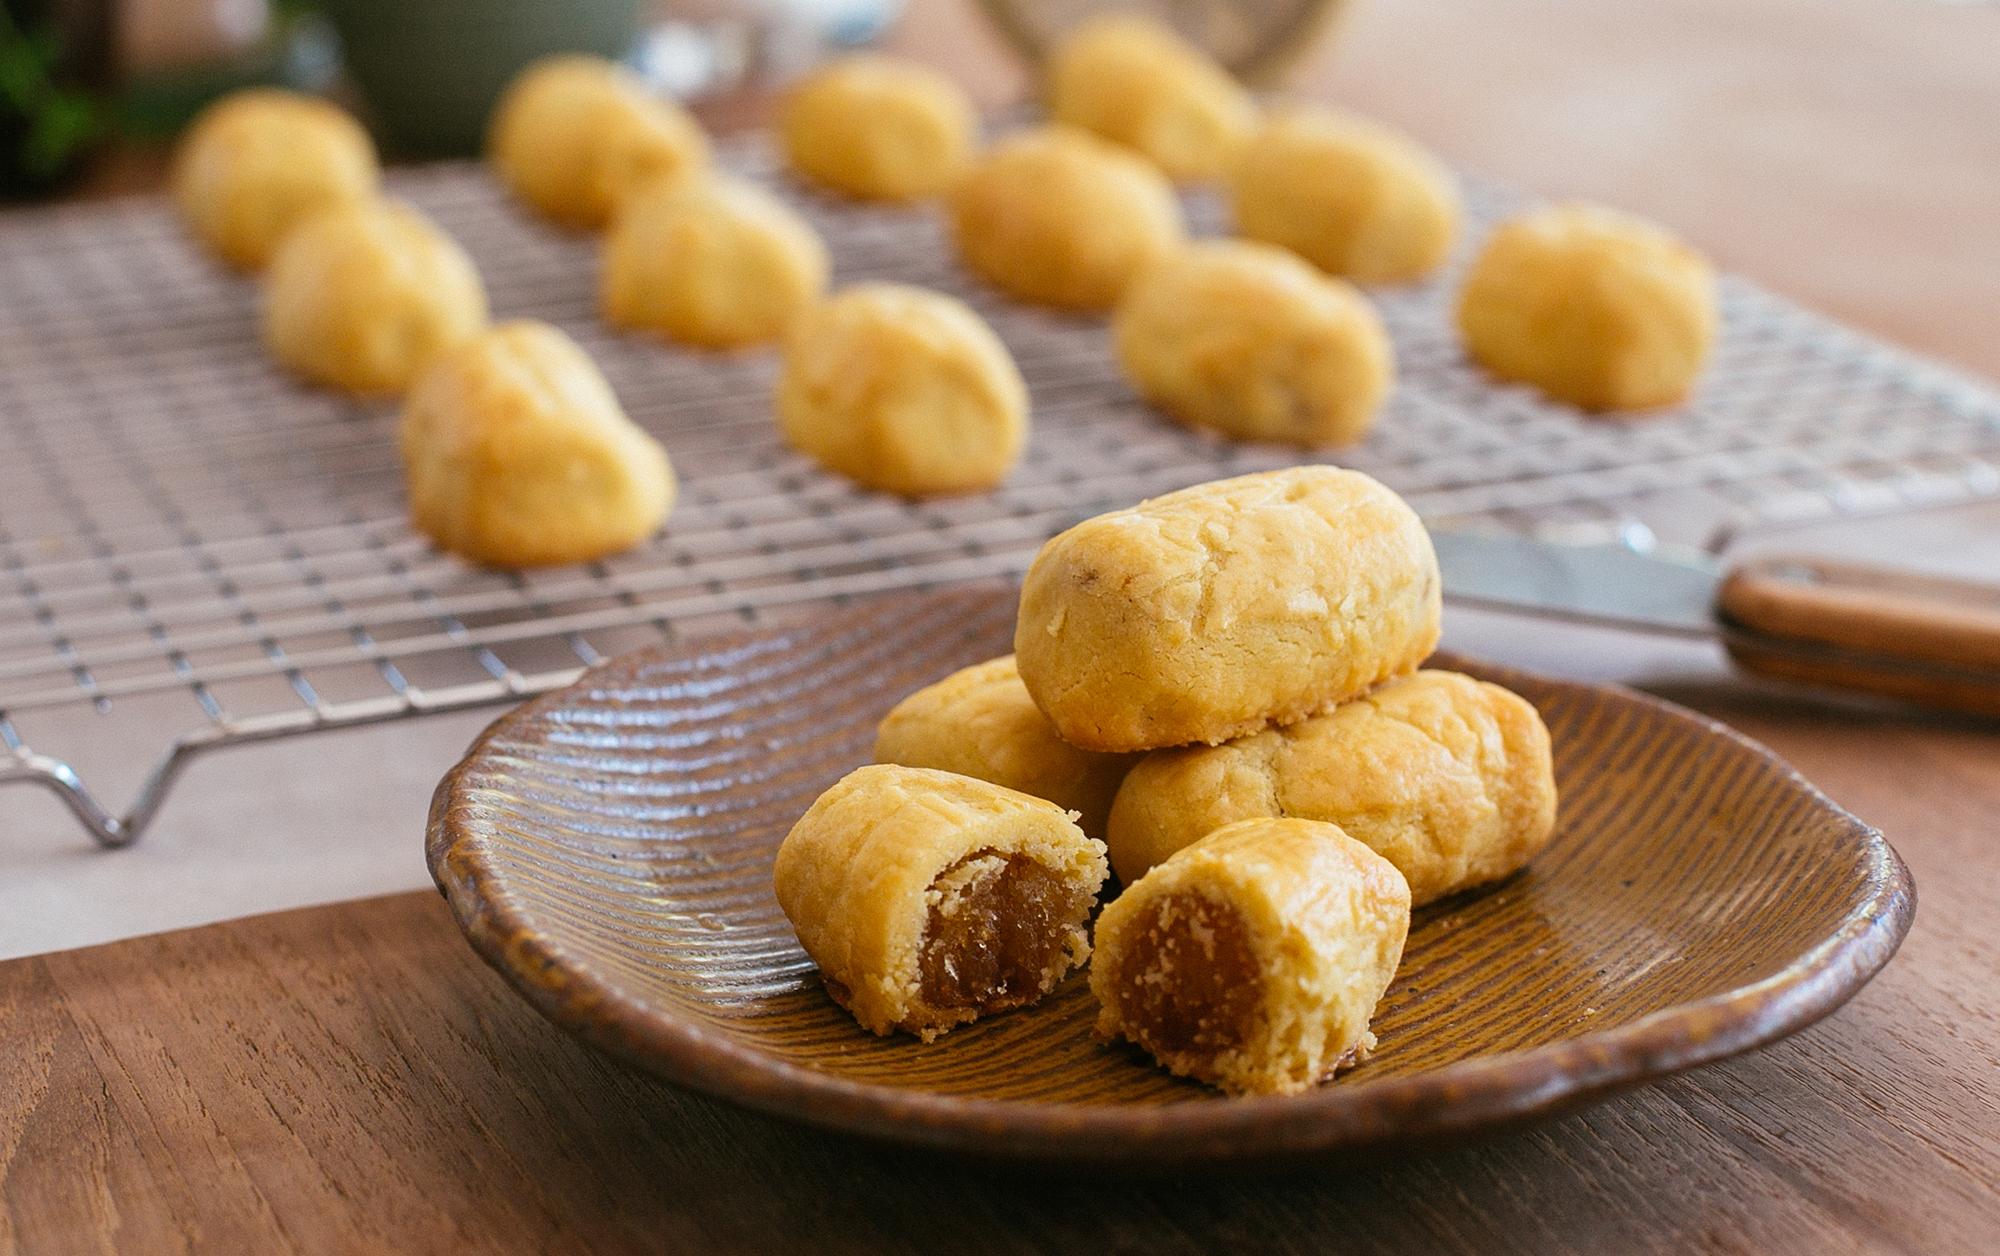 Andrea's Pineapple Tart Recipe for CNY